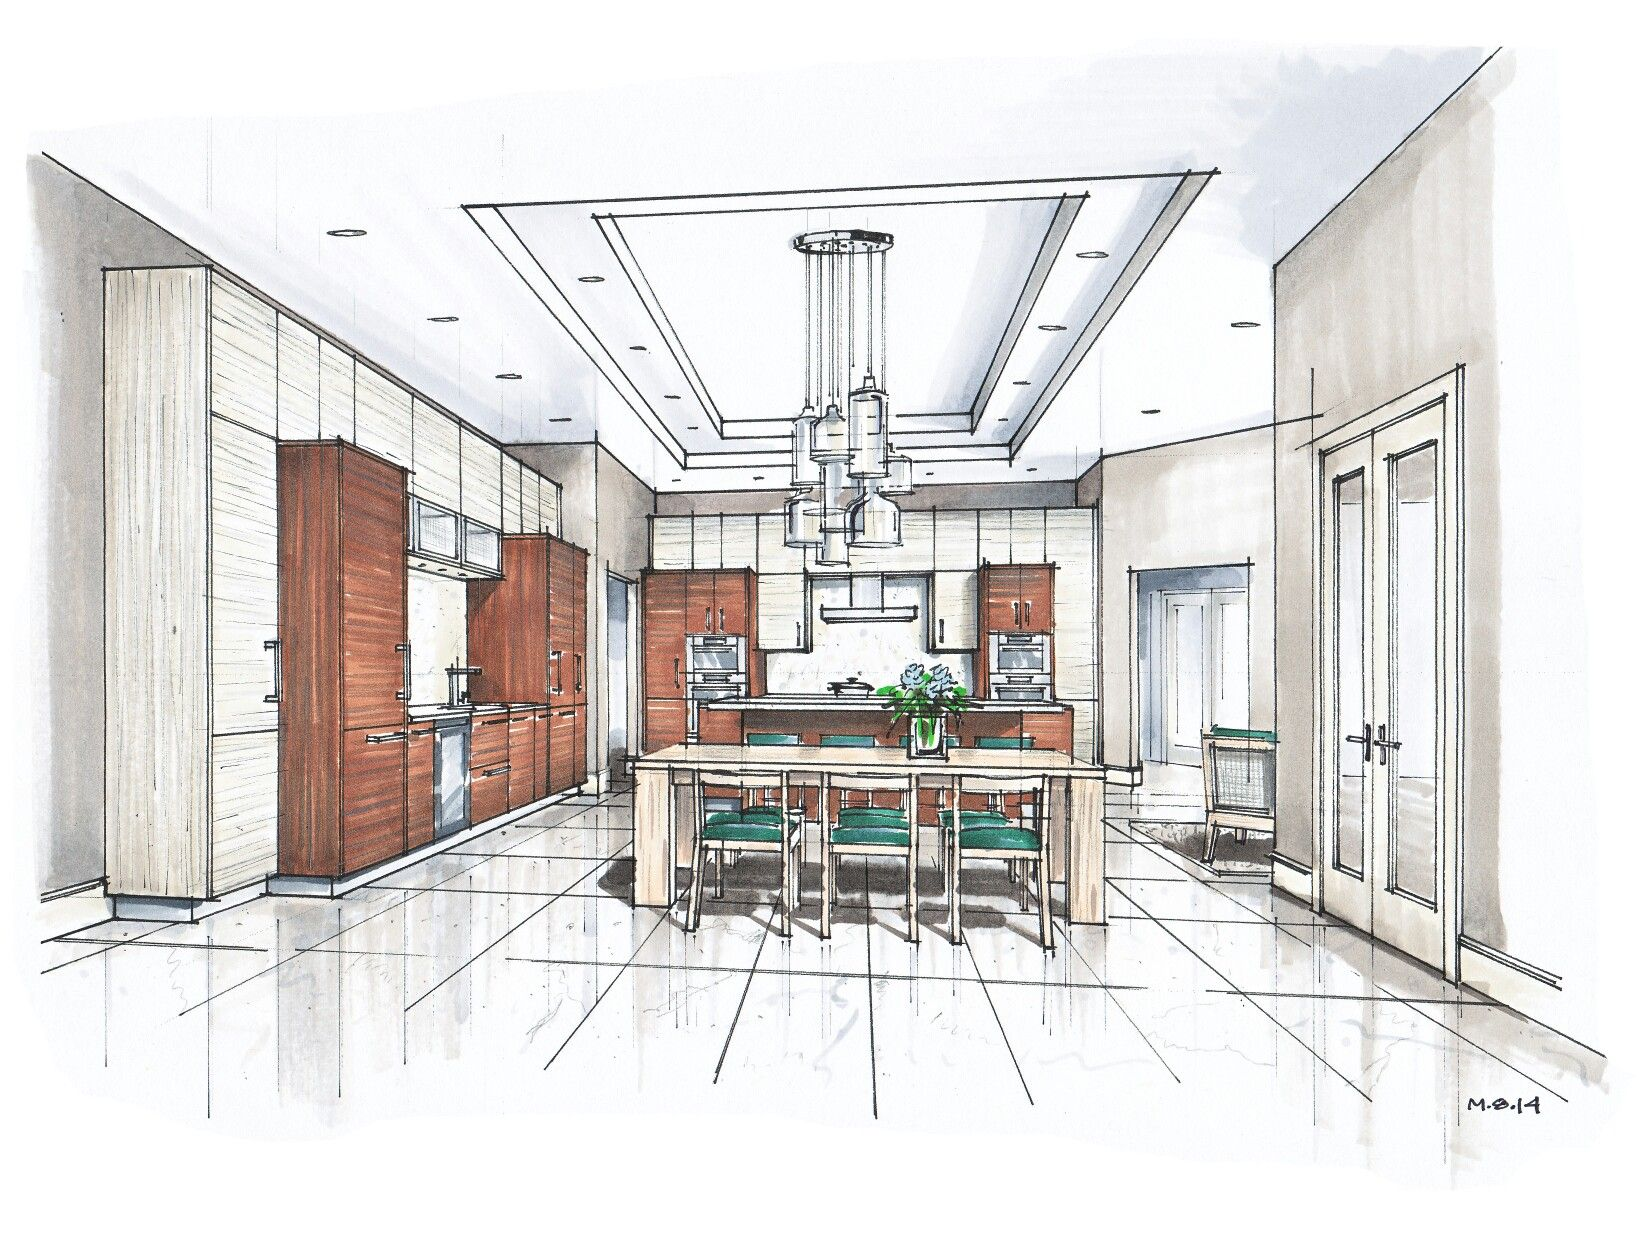 Interior Design Color Sketches perspectiva de interiores con tecnica de color - cocina